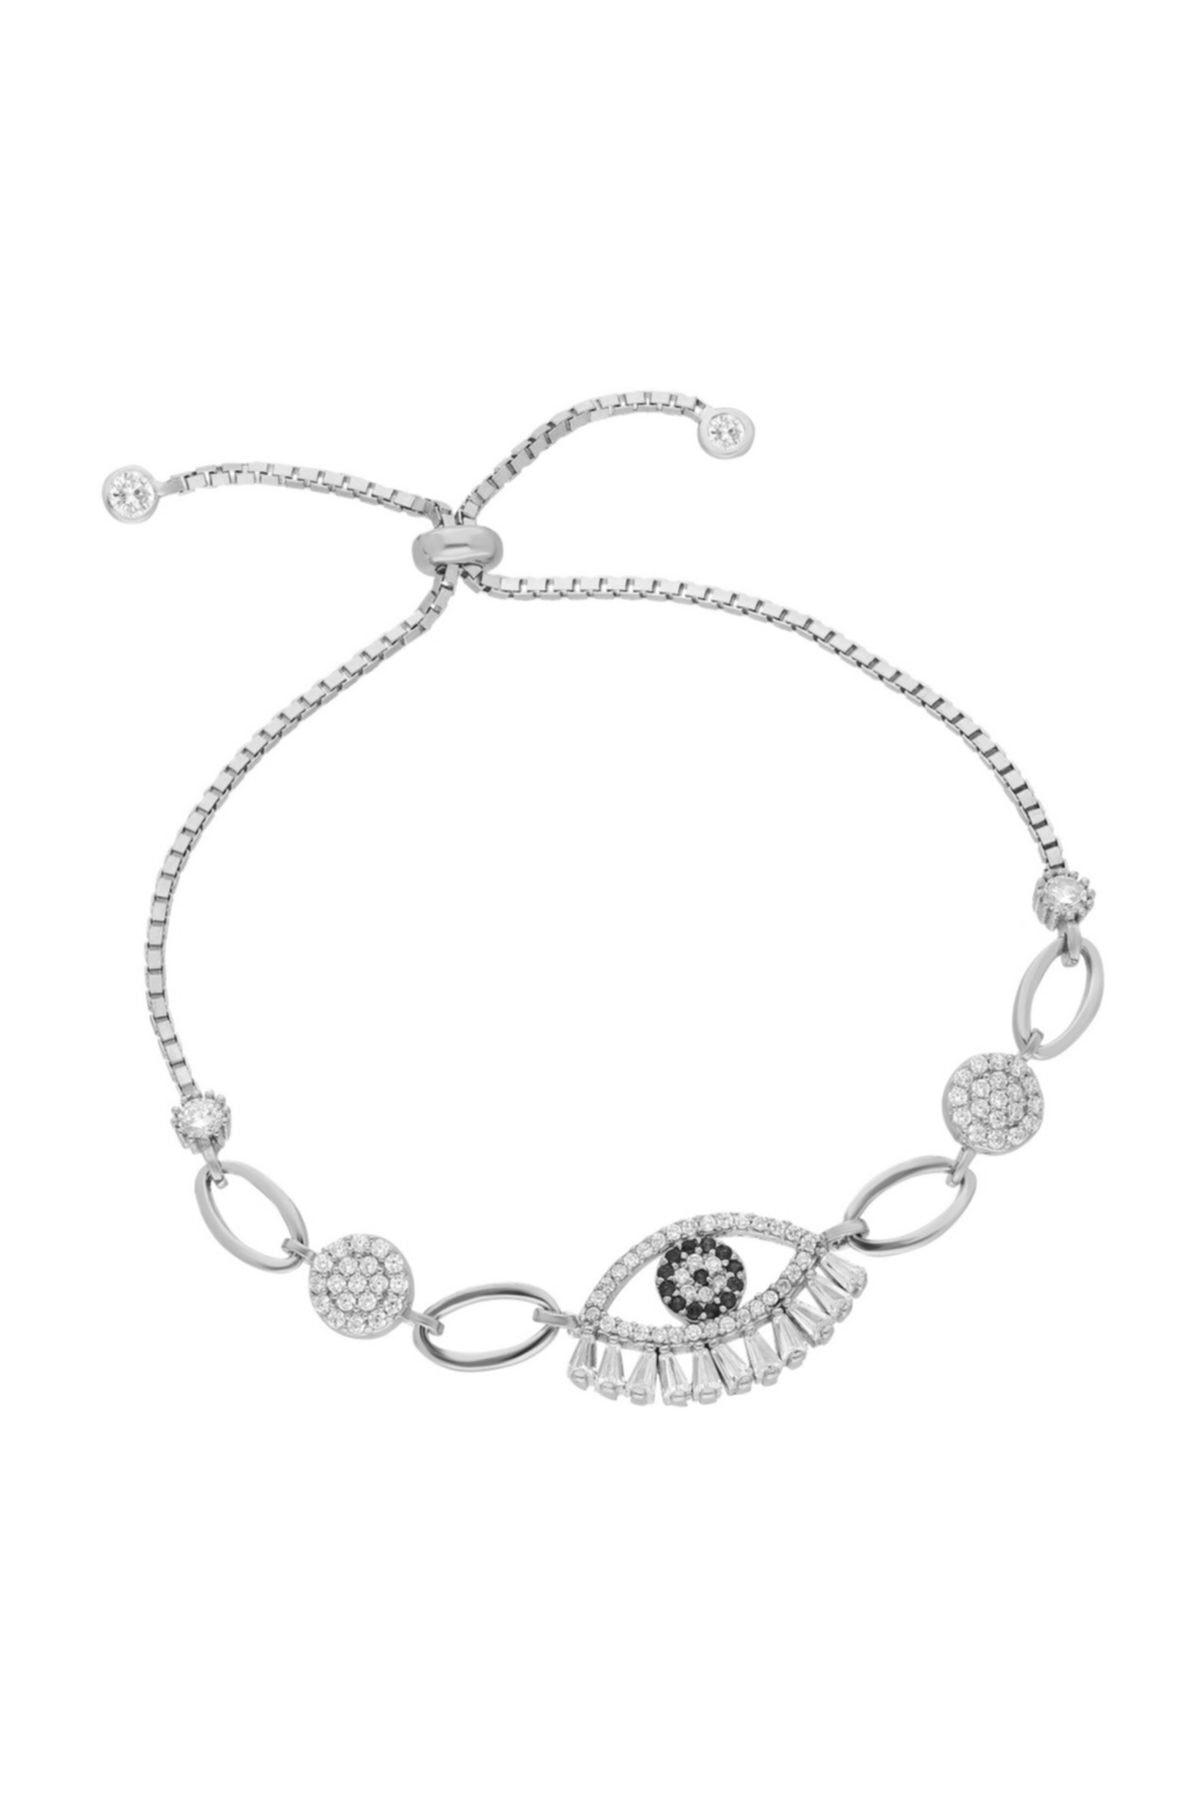 Chavin Baget Nazar Göz Taşlı Asansörlü Gümüş Bileklik Ee52by 1